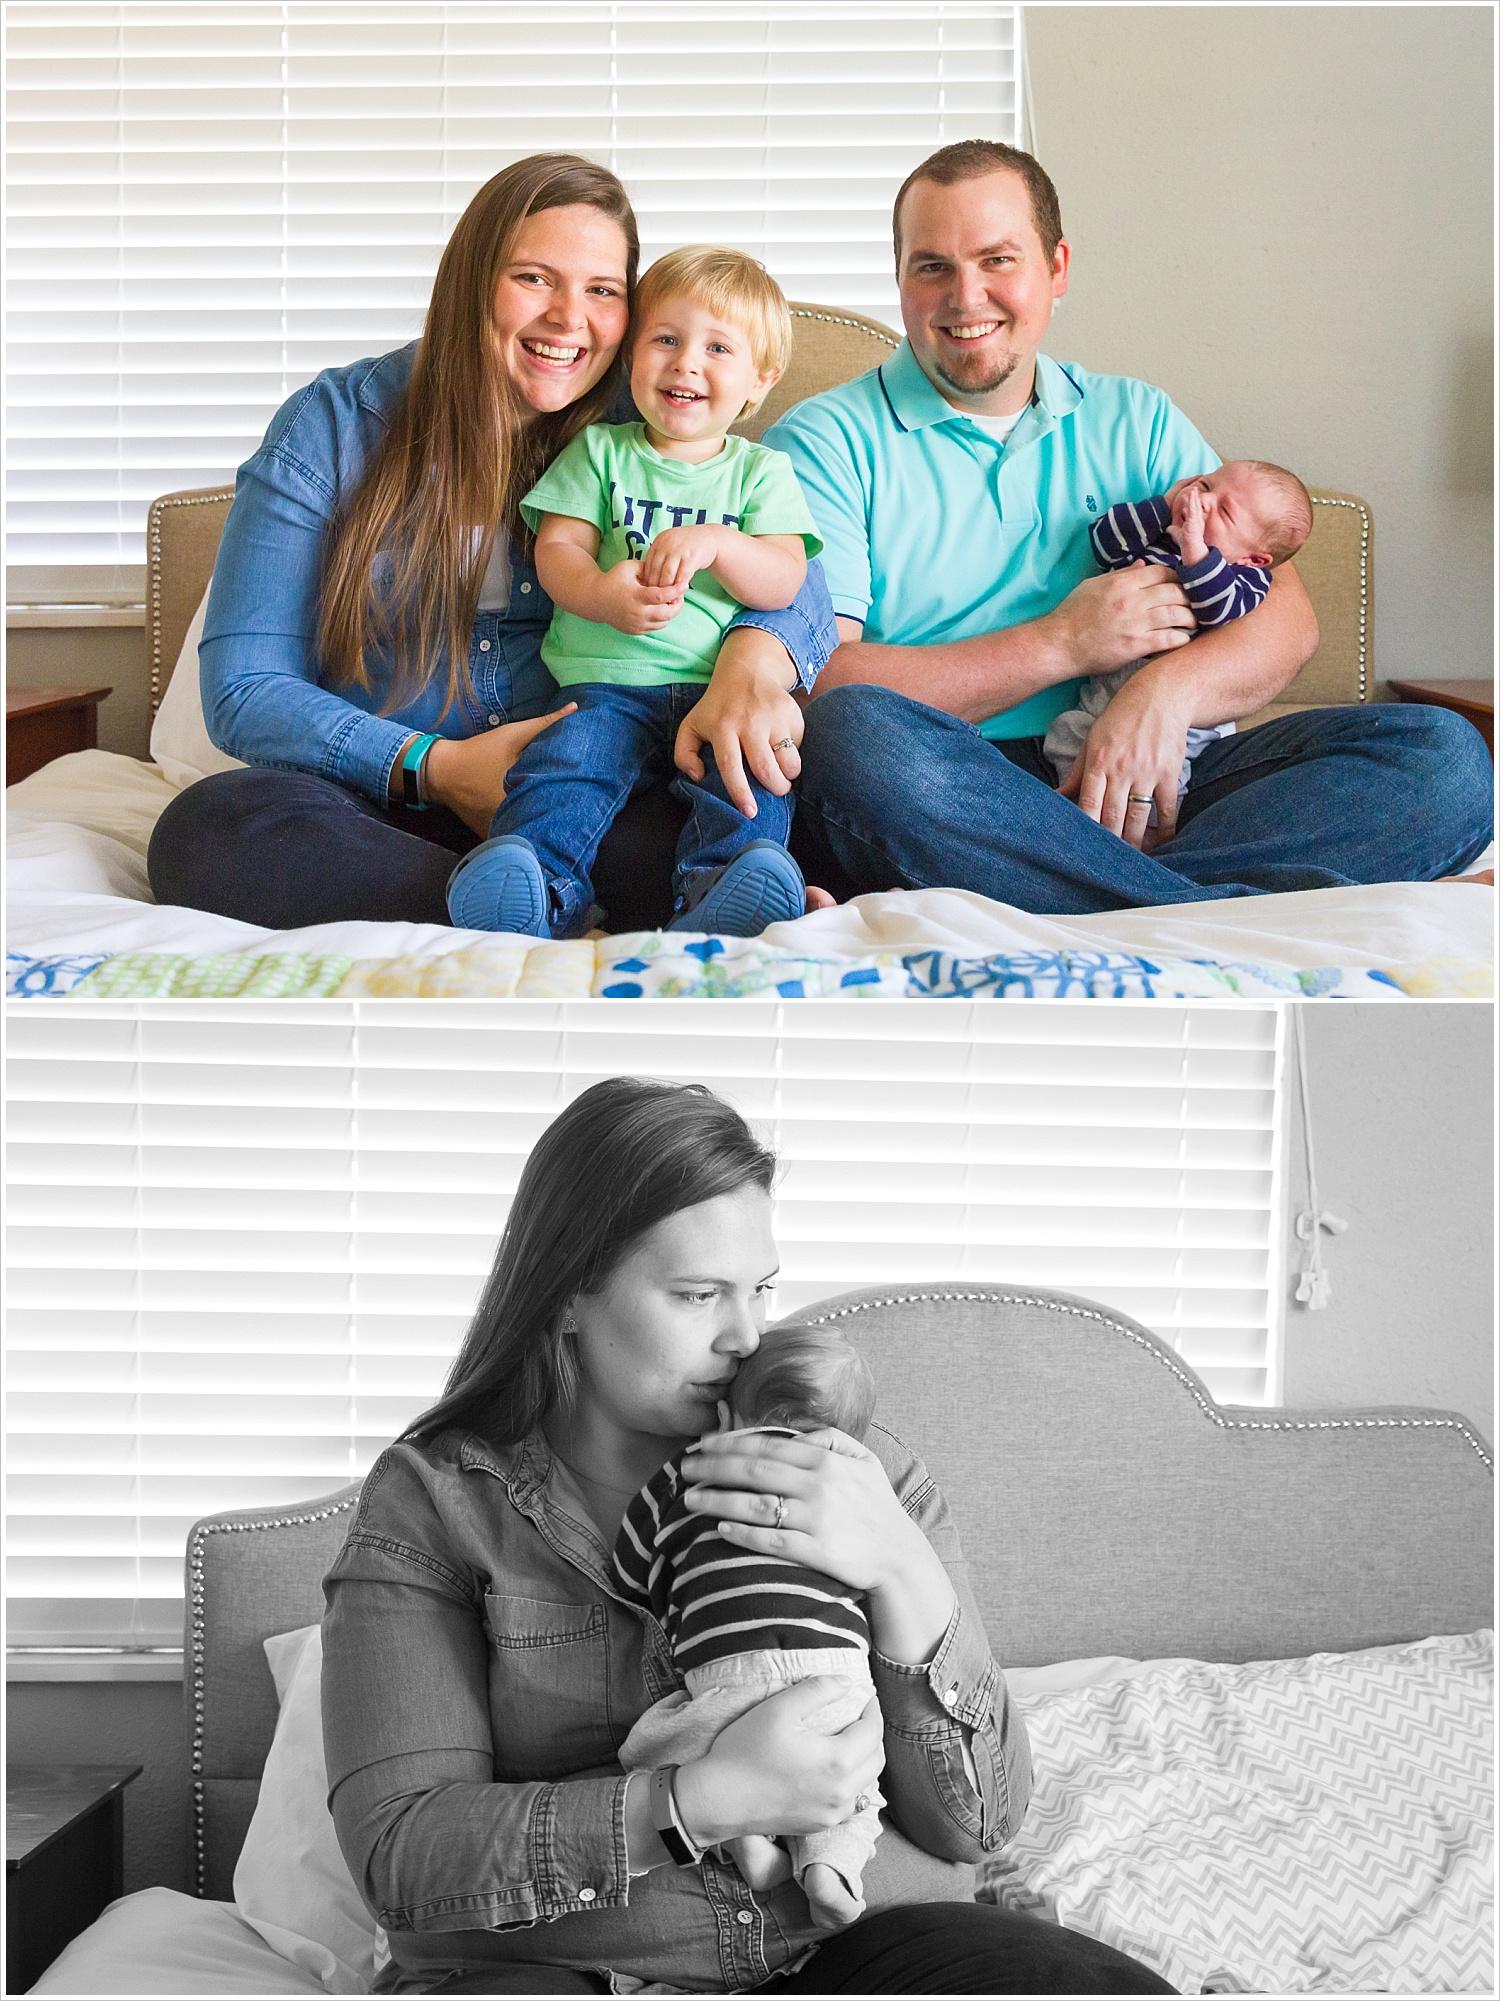 Photo by Jason & Melaina Photography - www.jasonandmelaina.com